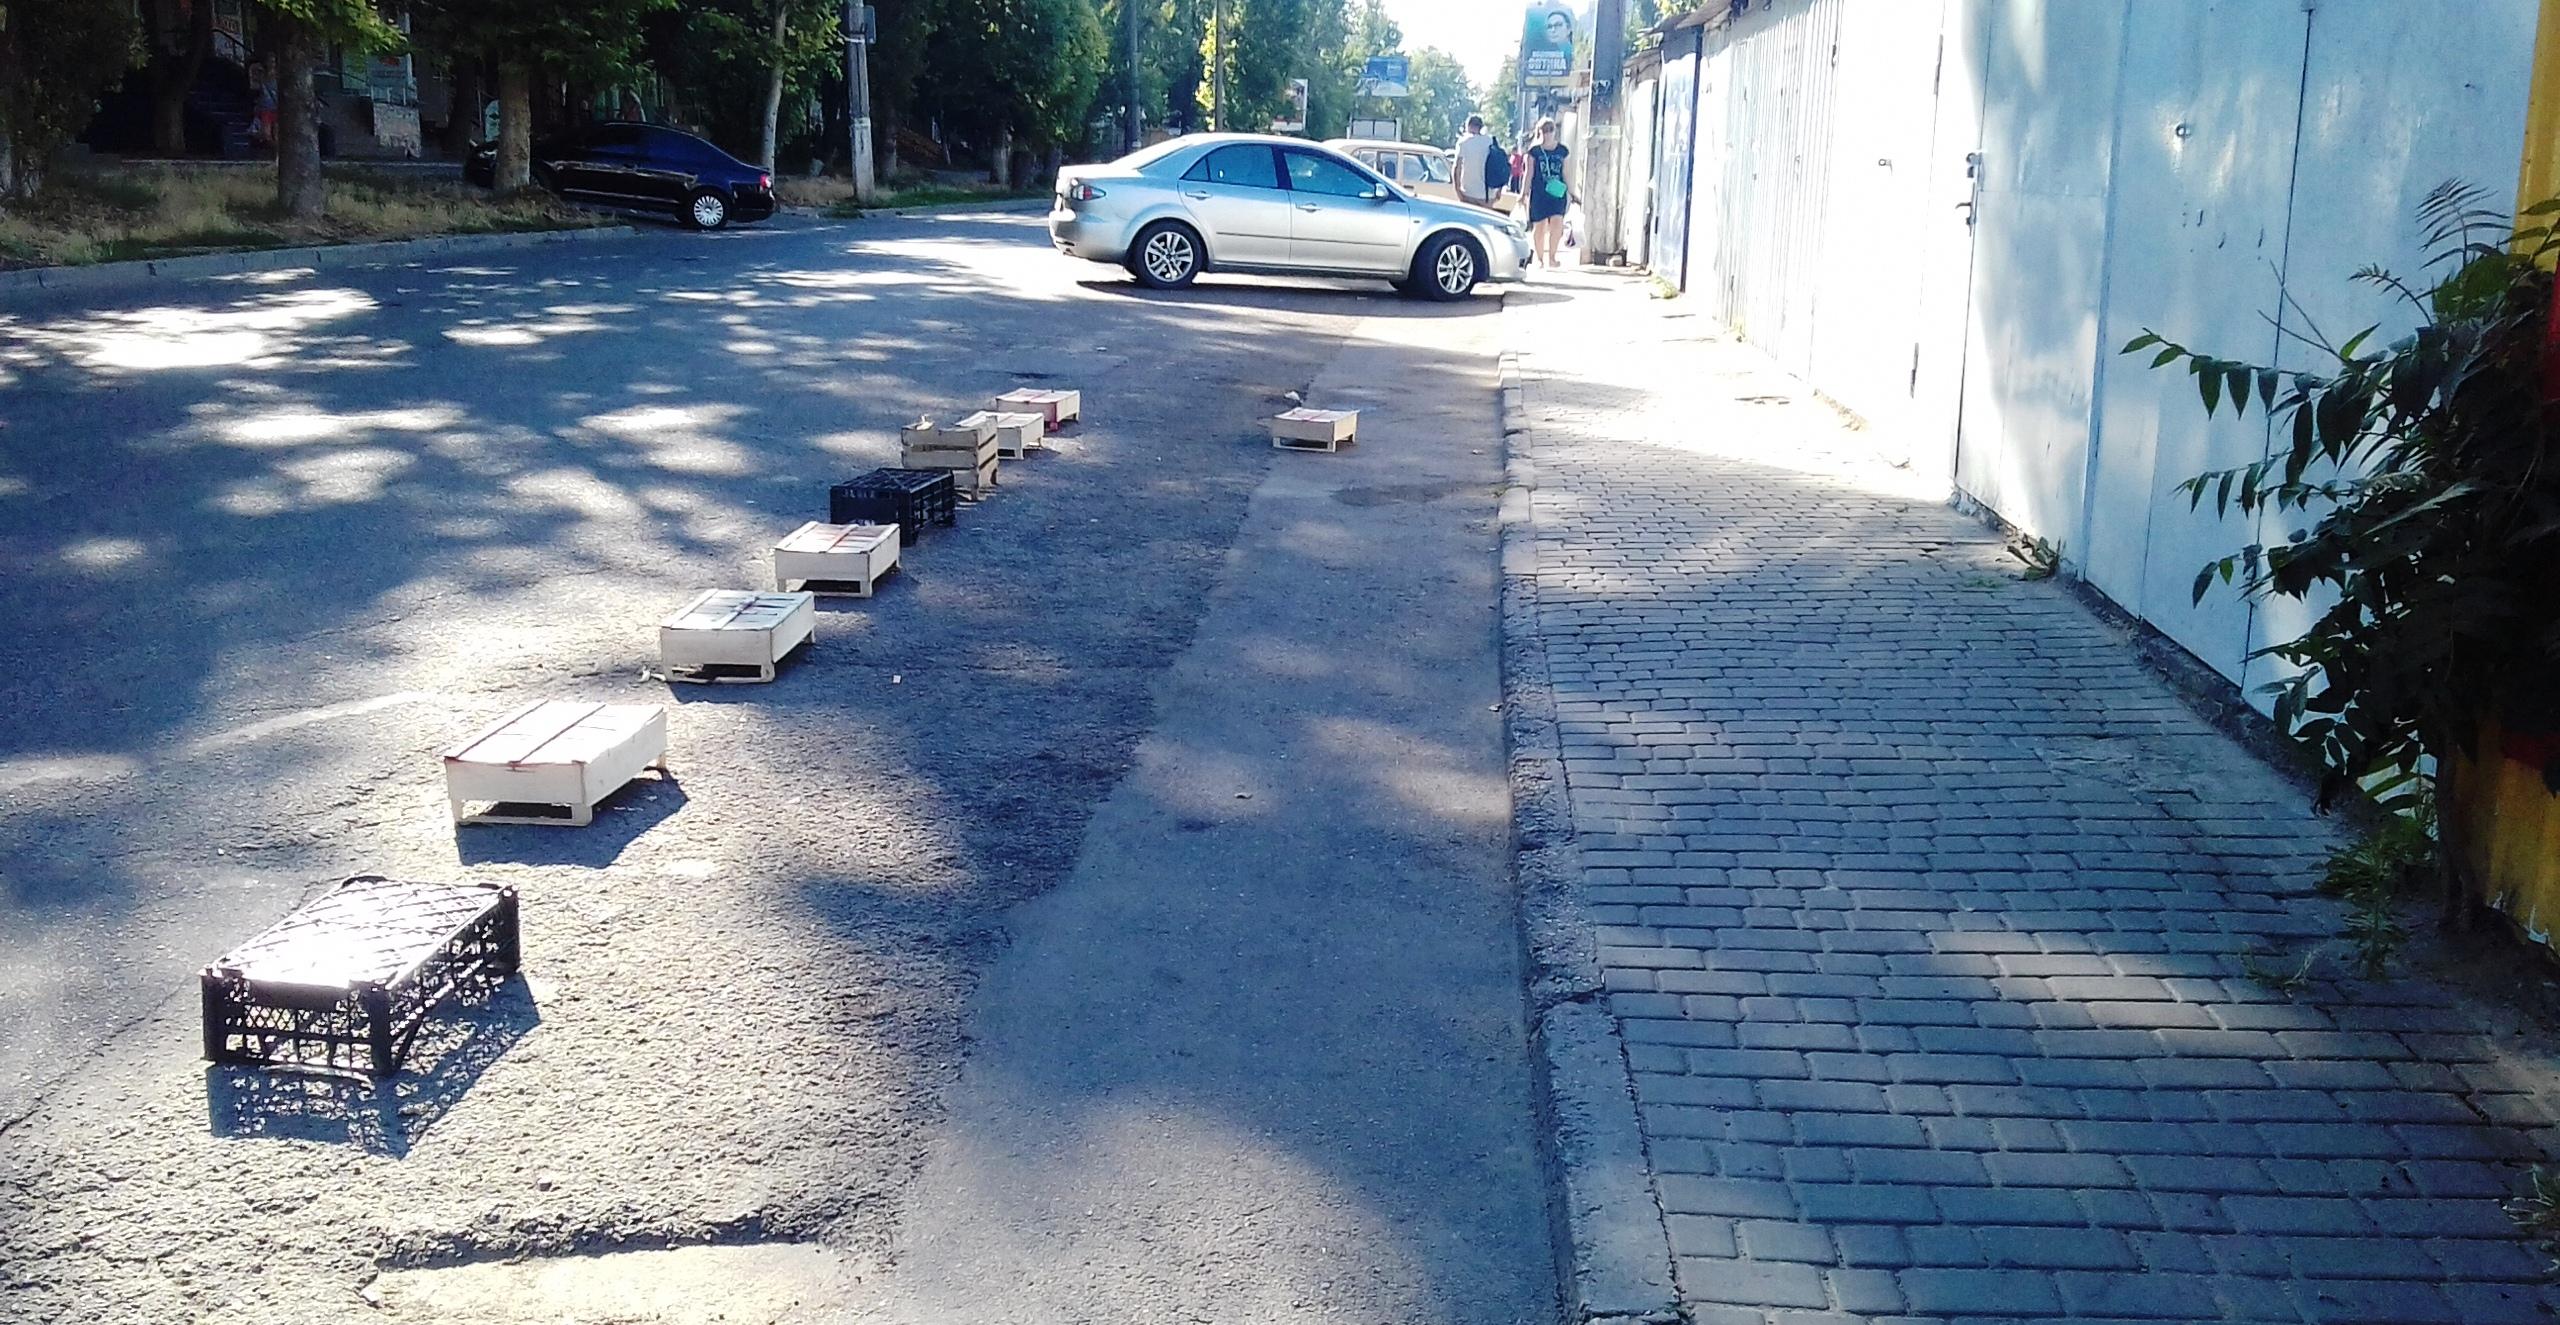 Зачем херсонцам парковки, когда есть свое ноу-хау? (фотофакт)